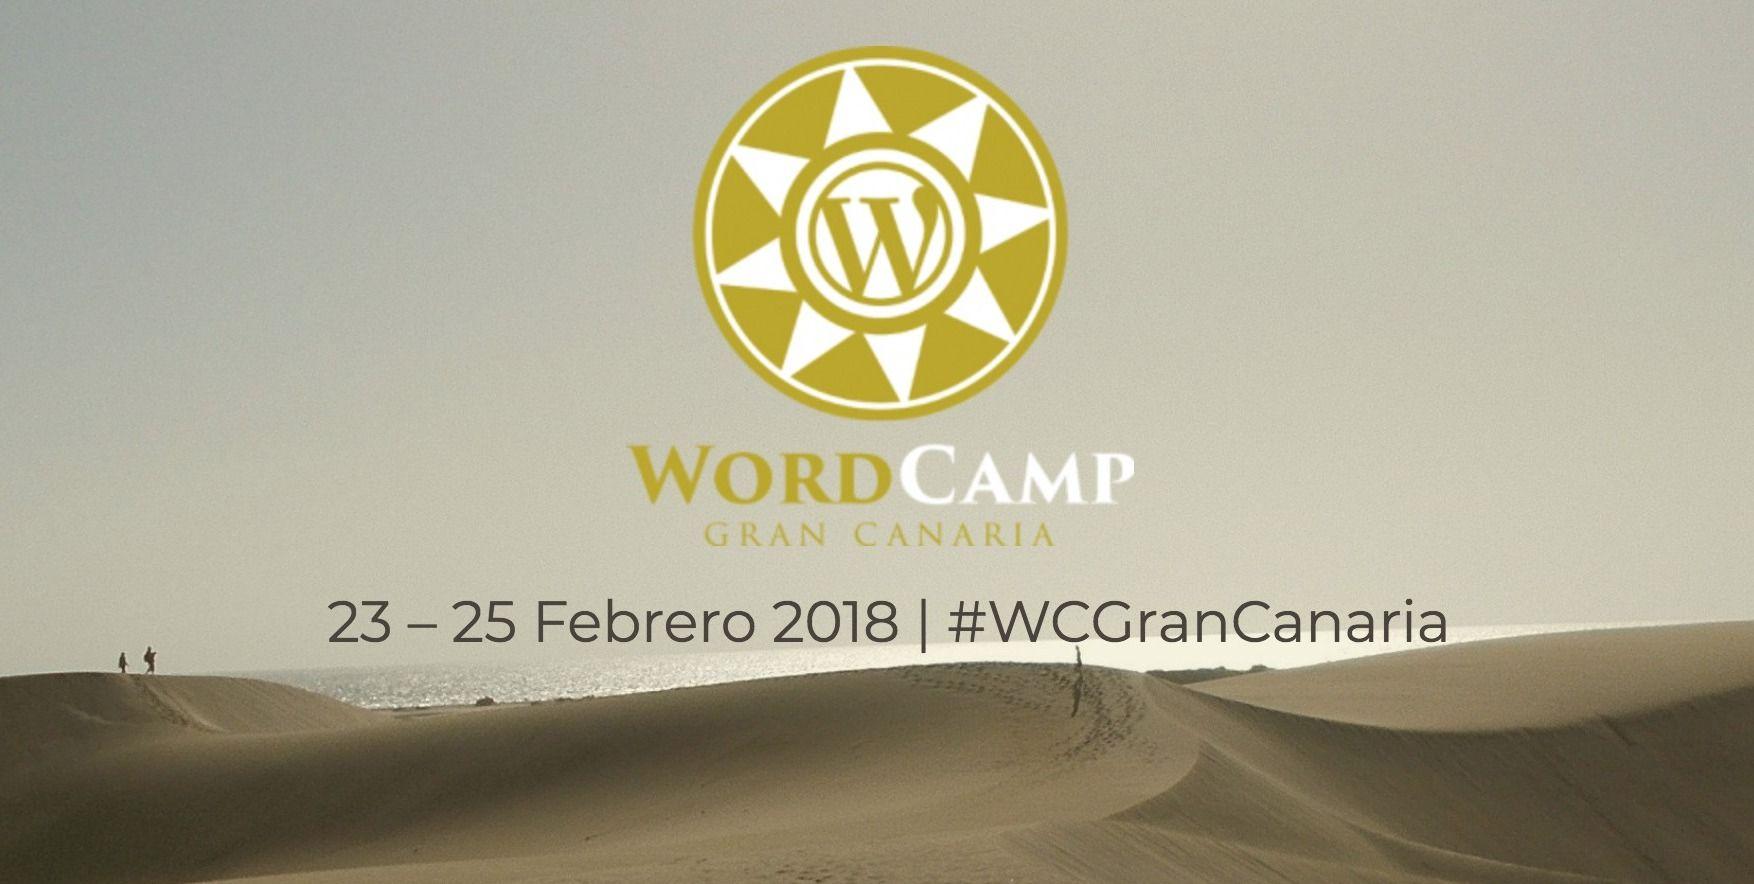 ¿Por qué deberías ir a la WordCamp Gran Canaria?